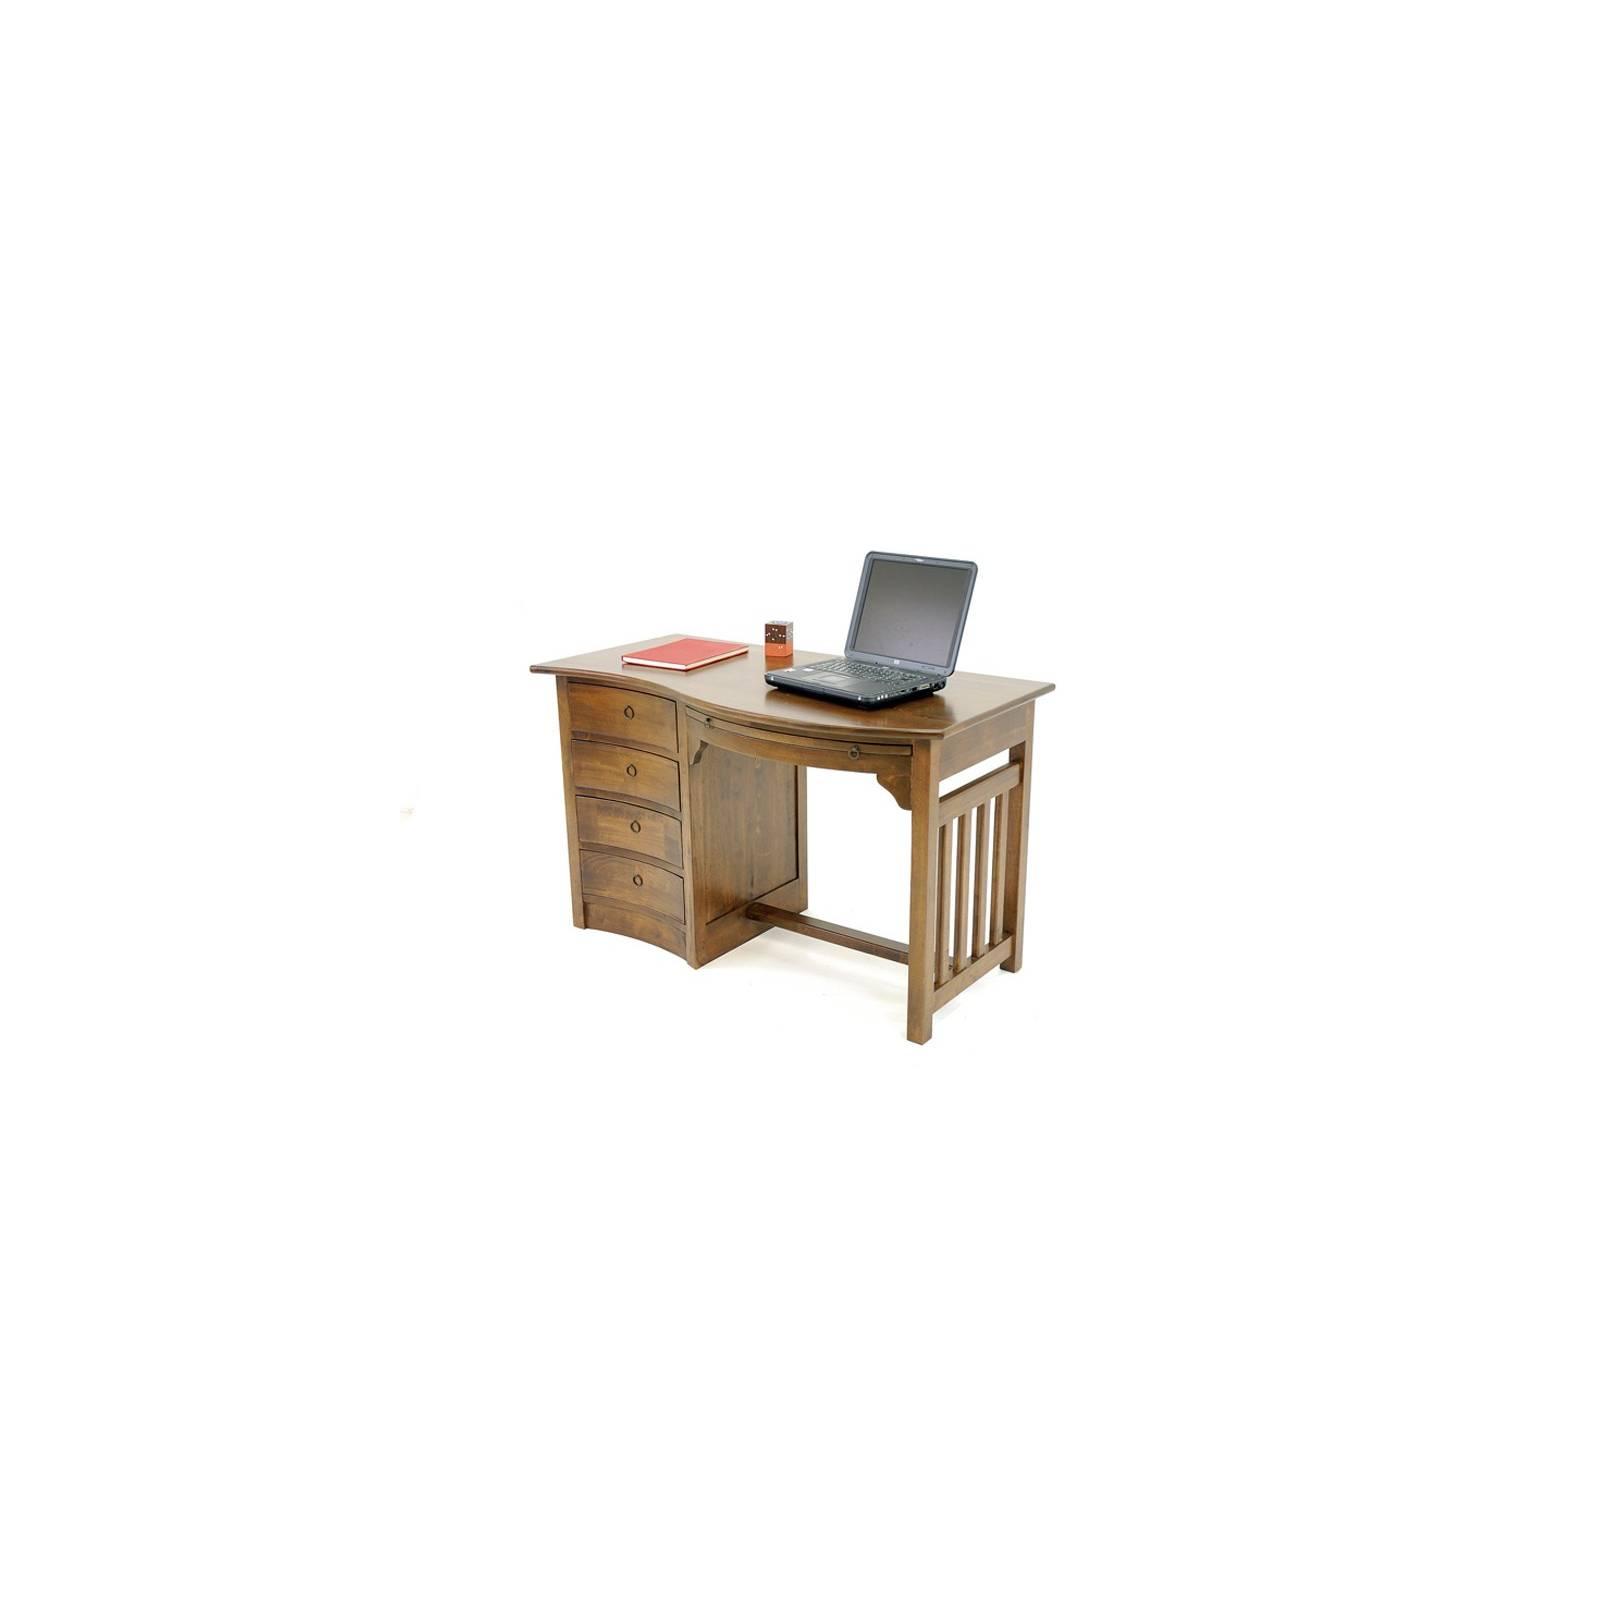 Bureau Vague Oceania Hévéa - meuble style colonial